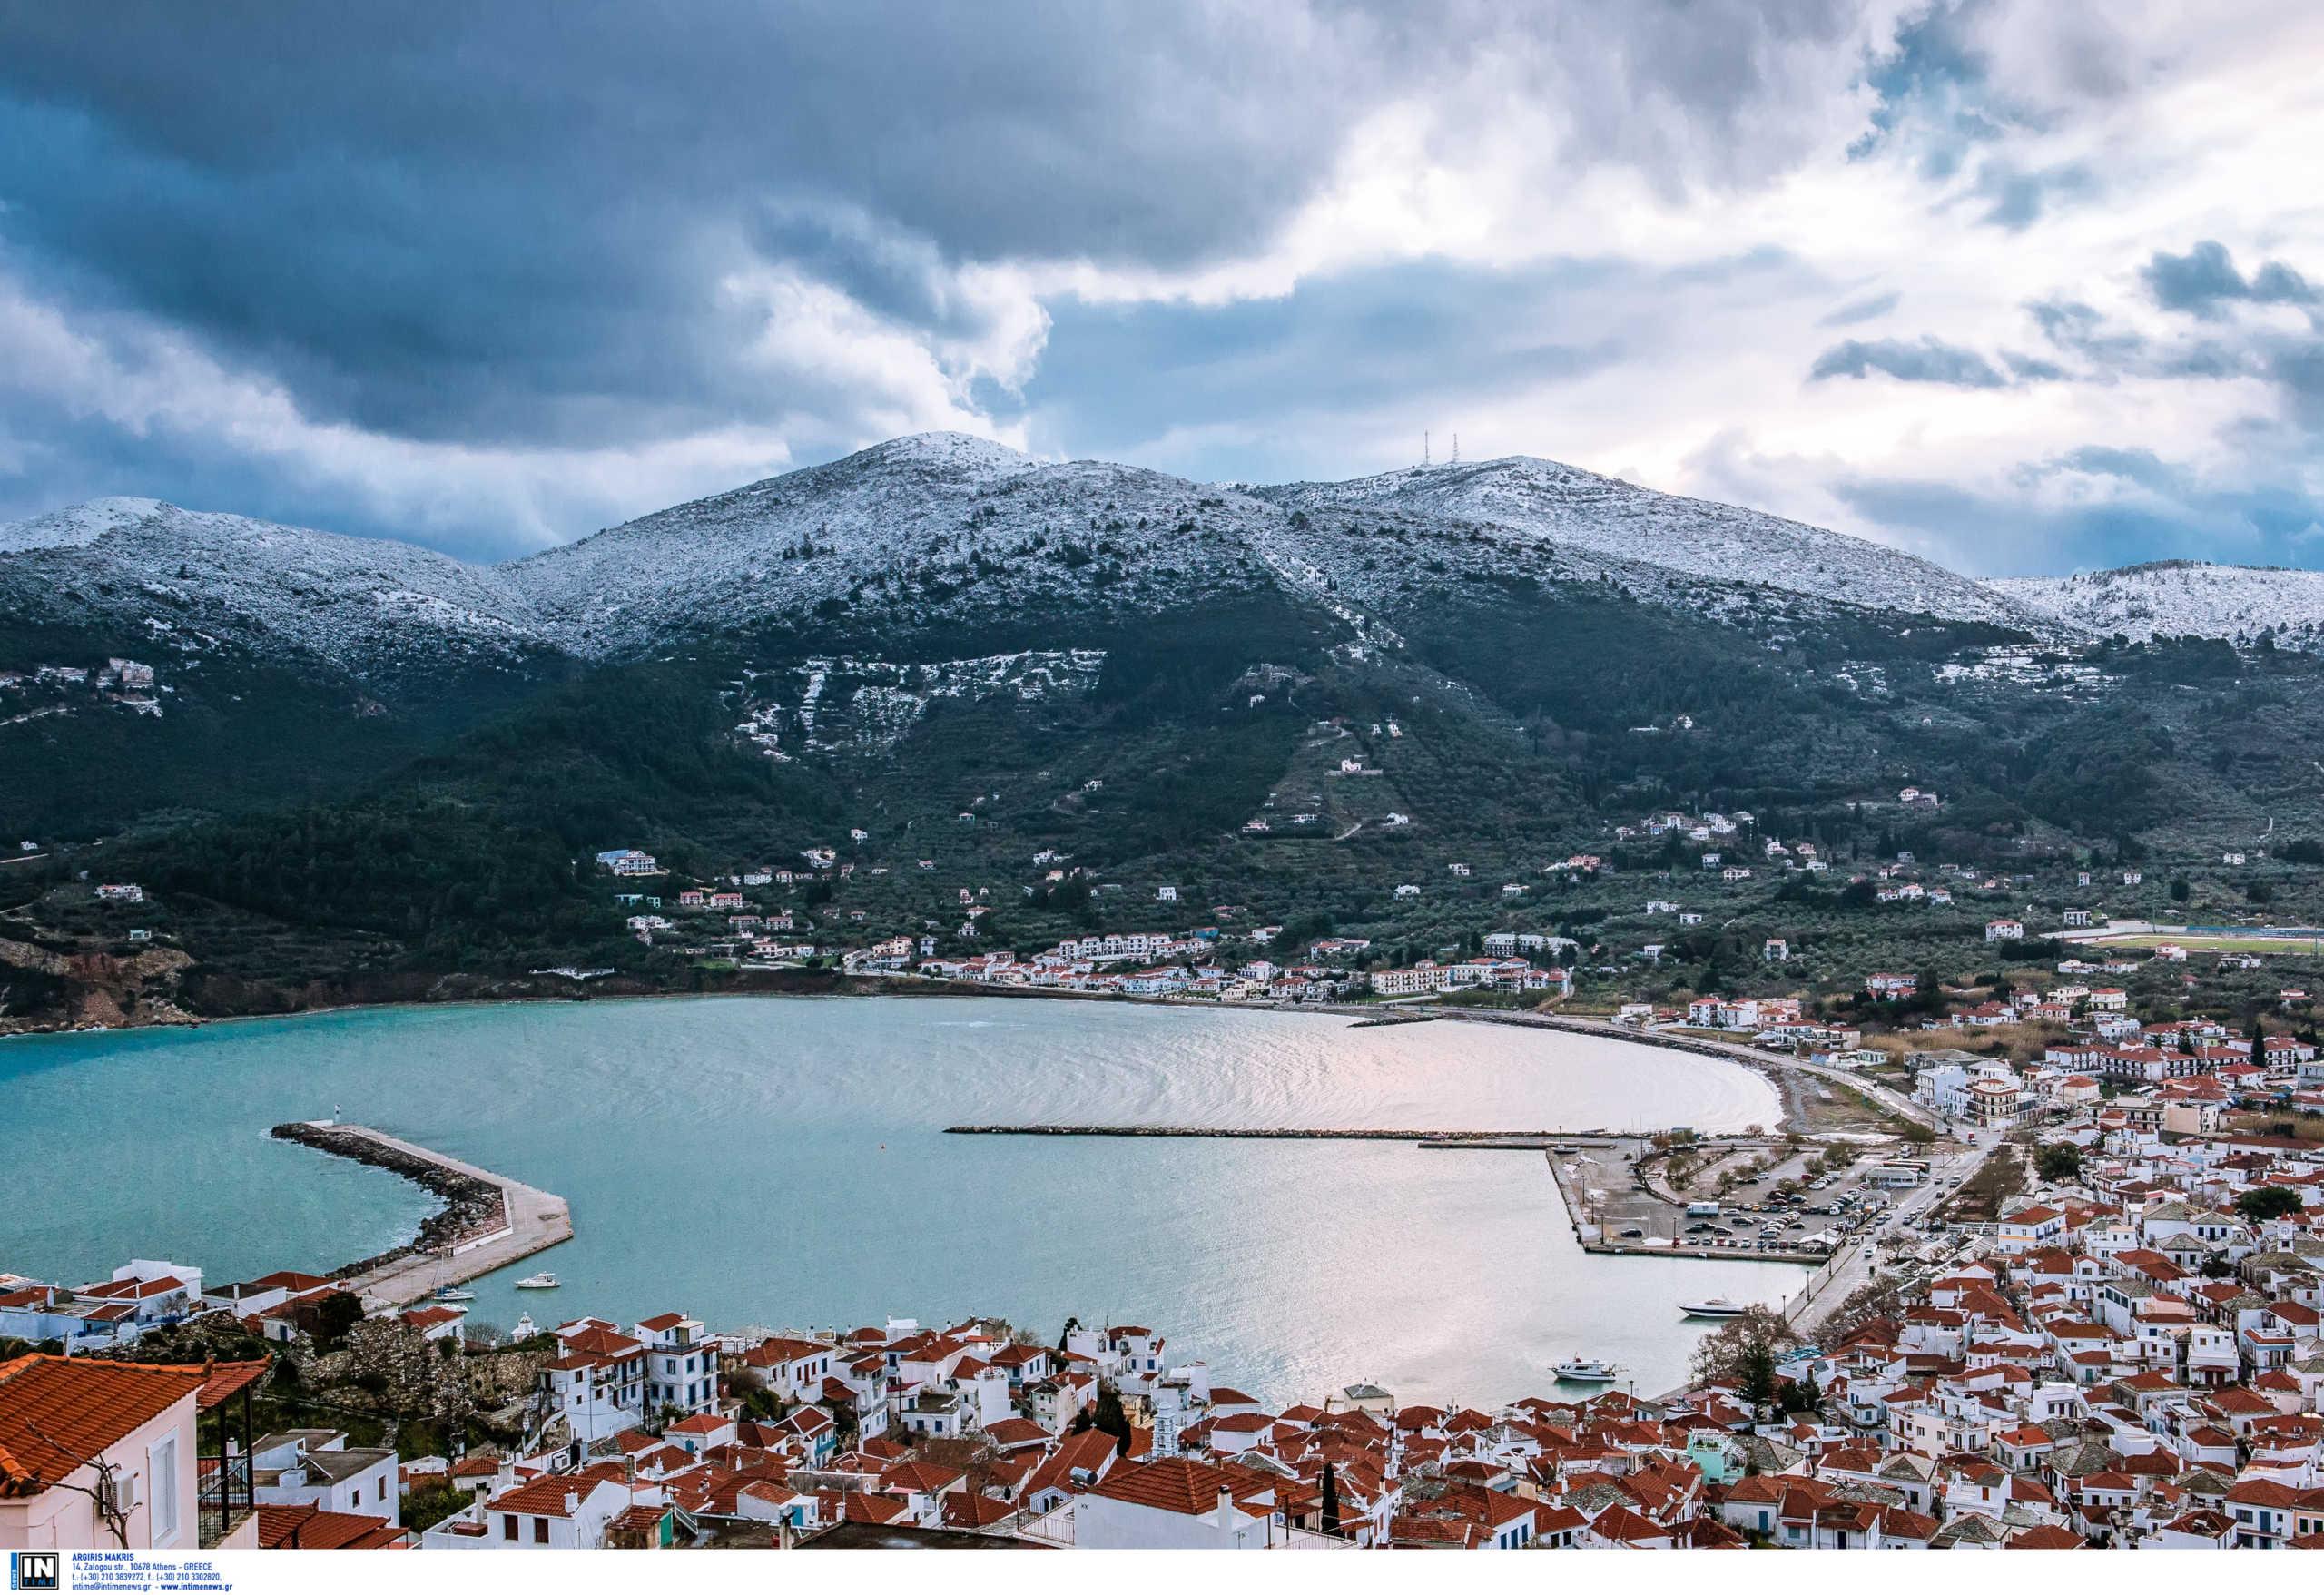 «Ύμνοι» της Daily Telegraph για 15 ελληνικά νησιά – «Τονωτικές διακοπές μετά από ένα μακρύ χειμώνα»